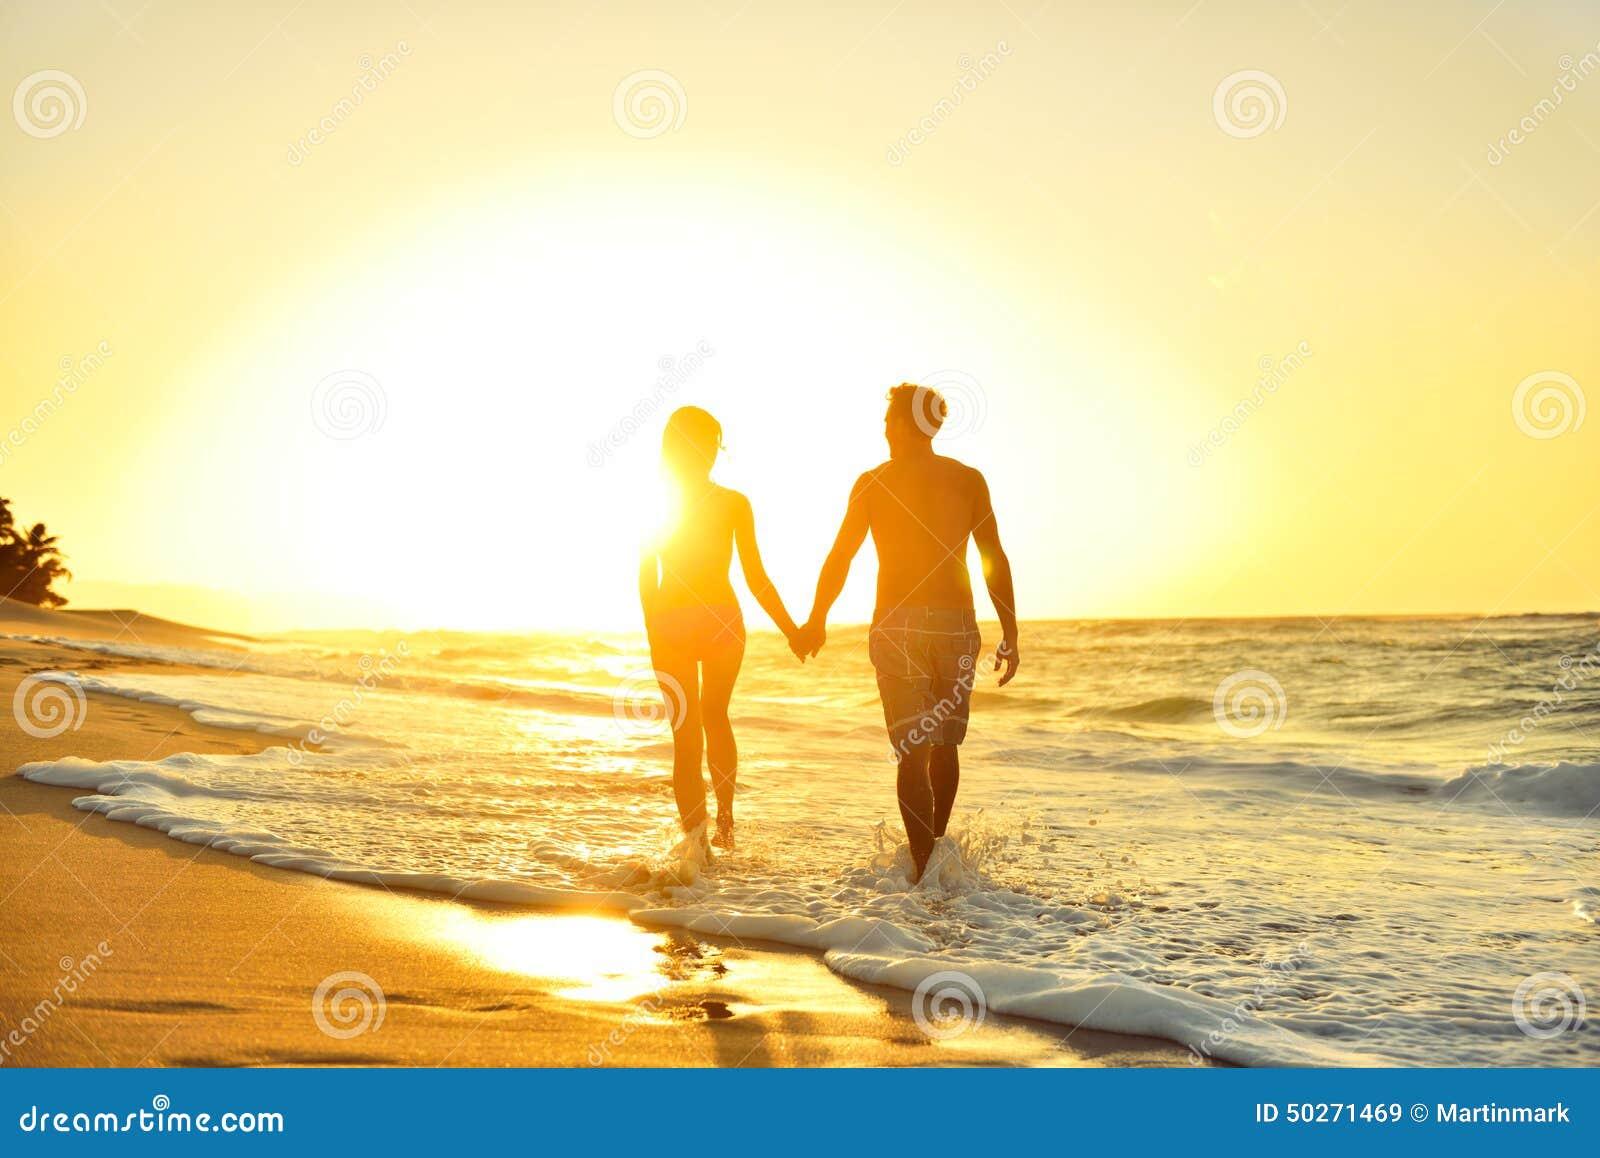 Romantisch wittebroodswekenpaar in liefde bij strandzonsondergang